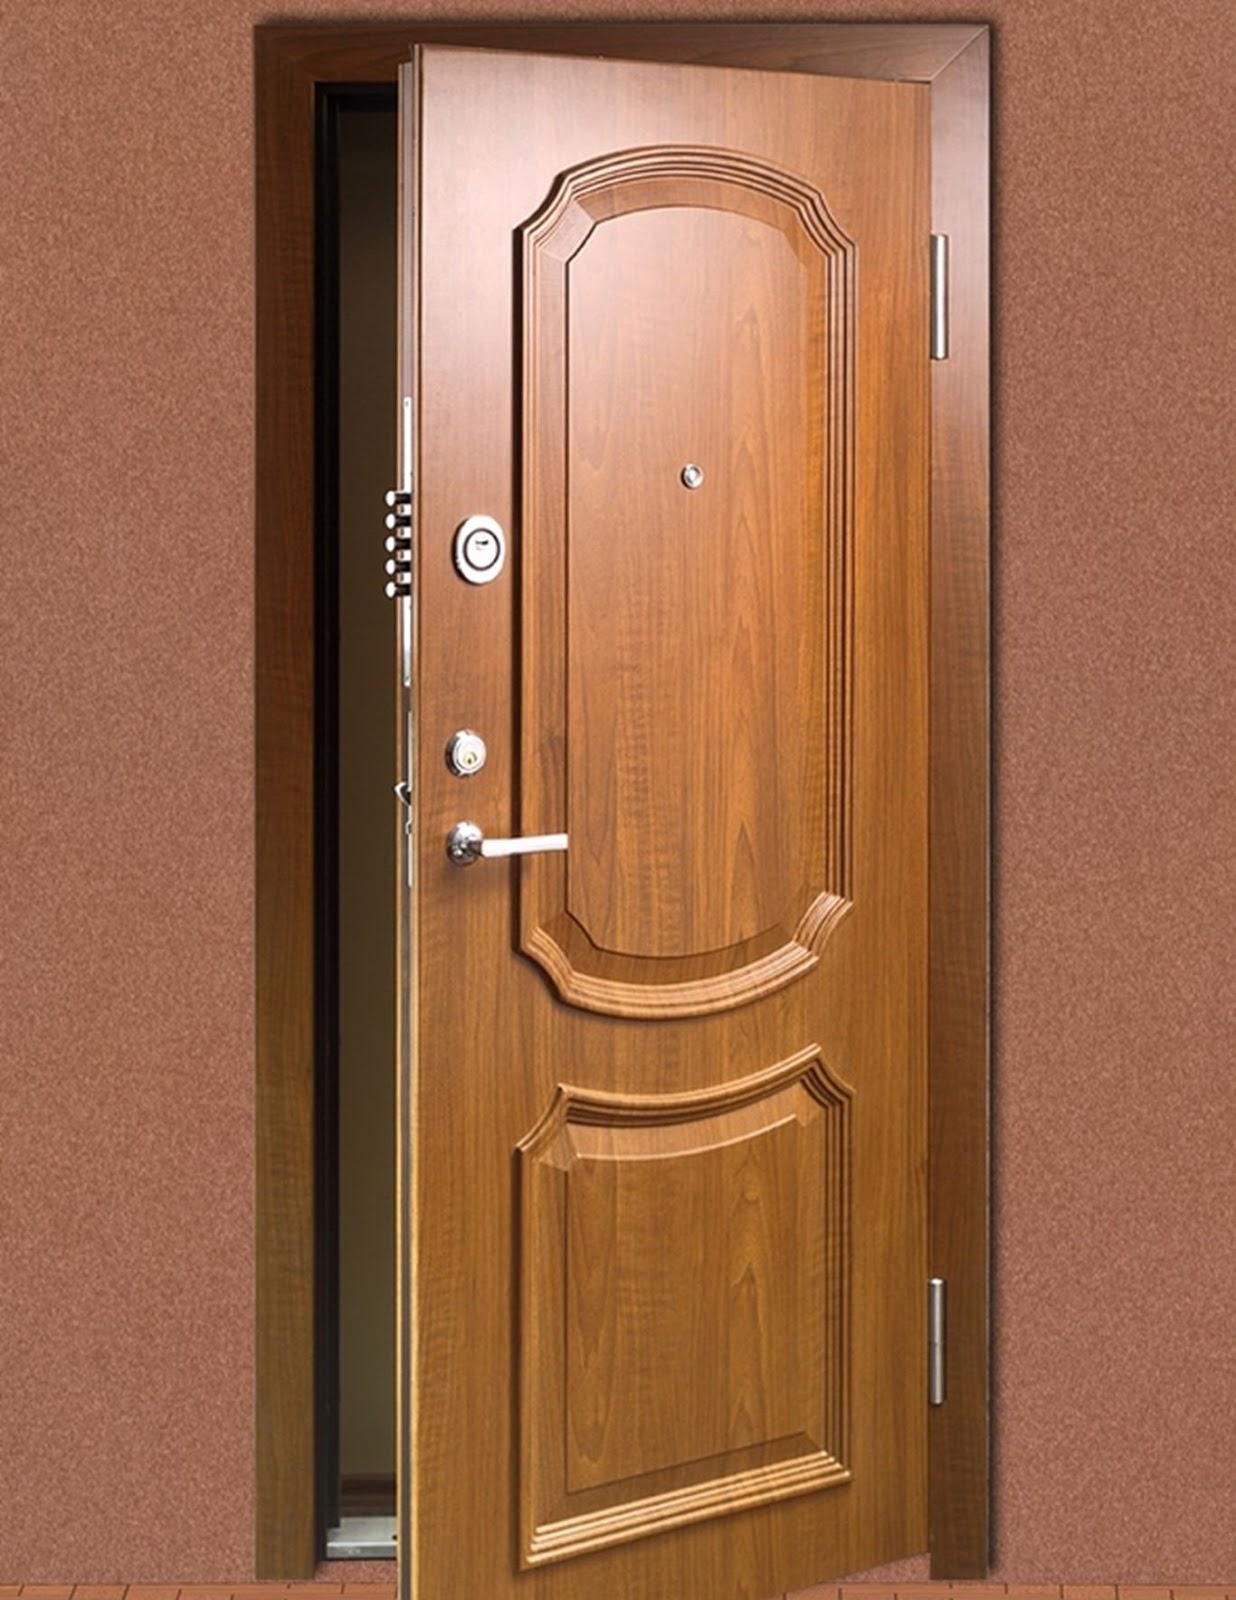 best security door choosing guide